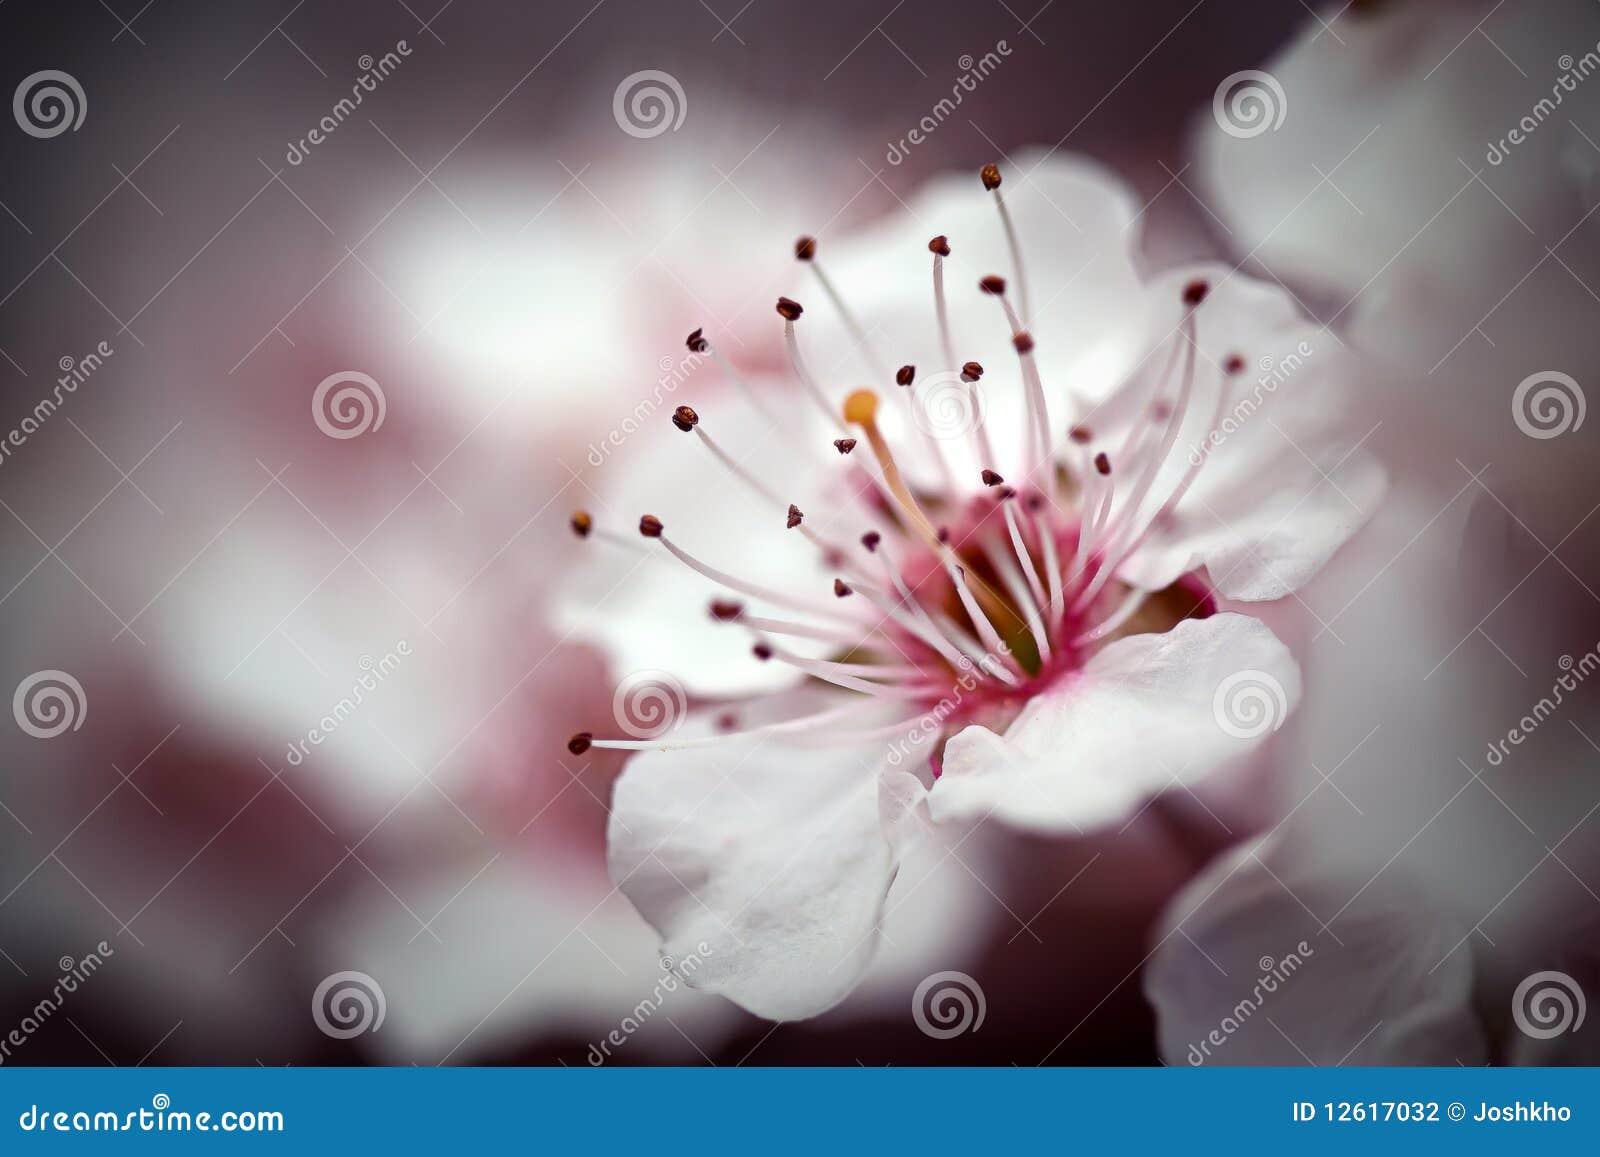 Cherry Blossom Macro I Stock Photography - Image: 12617032